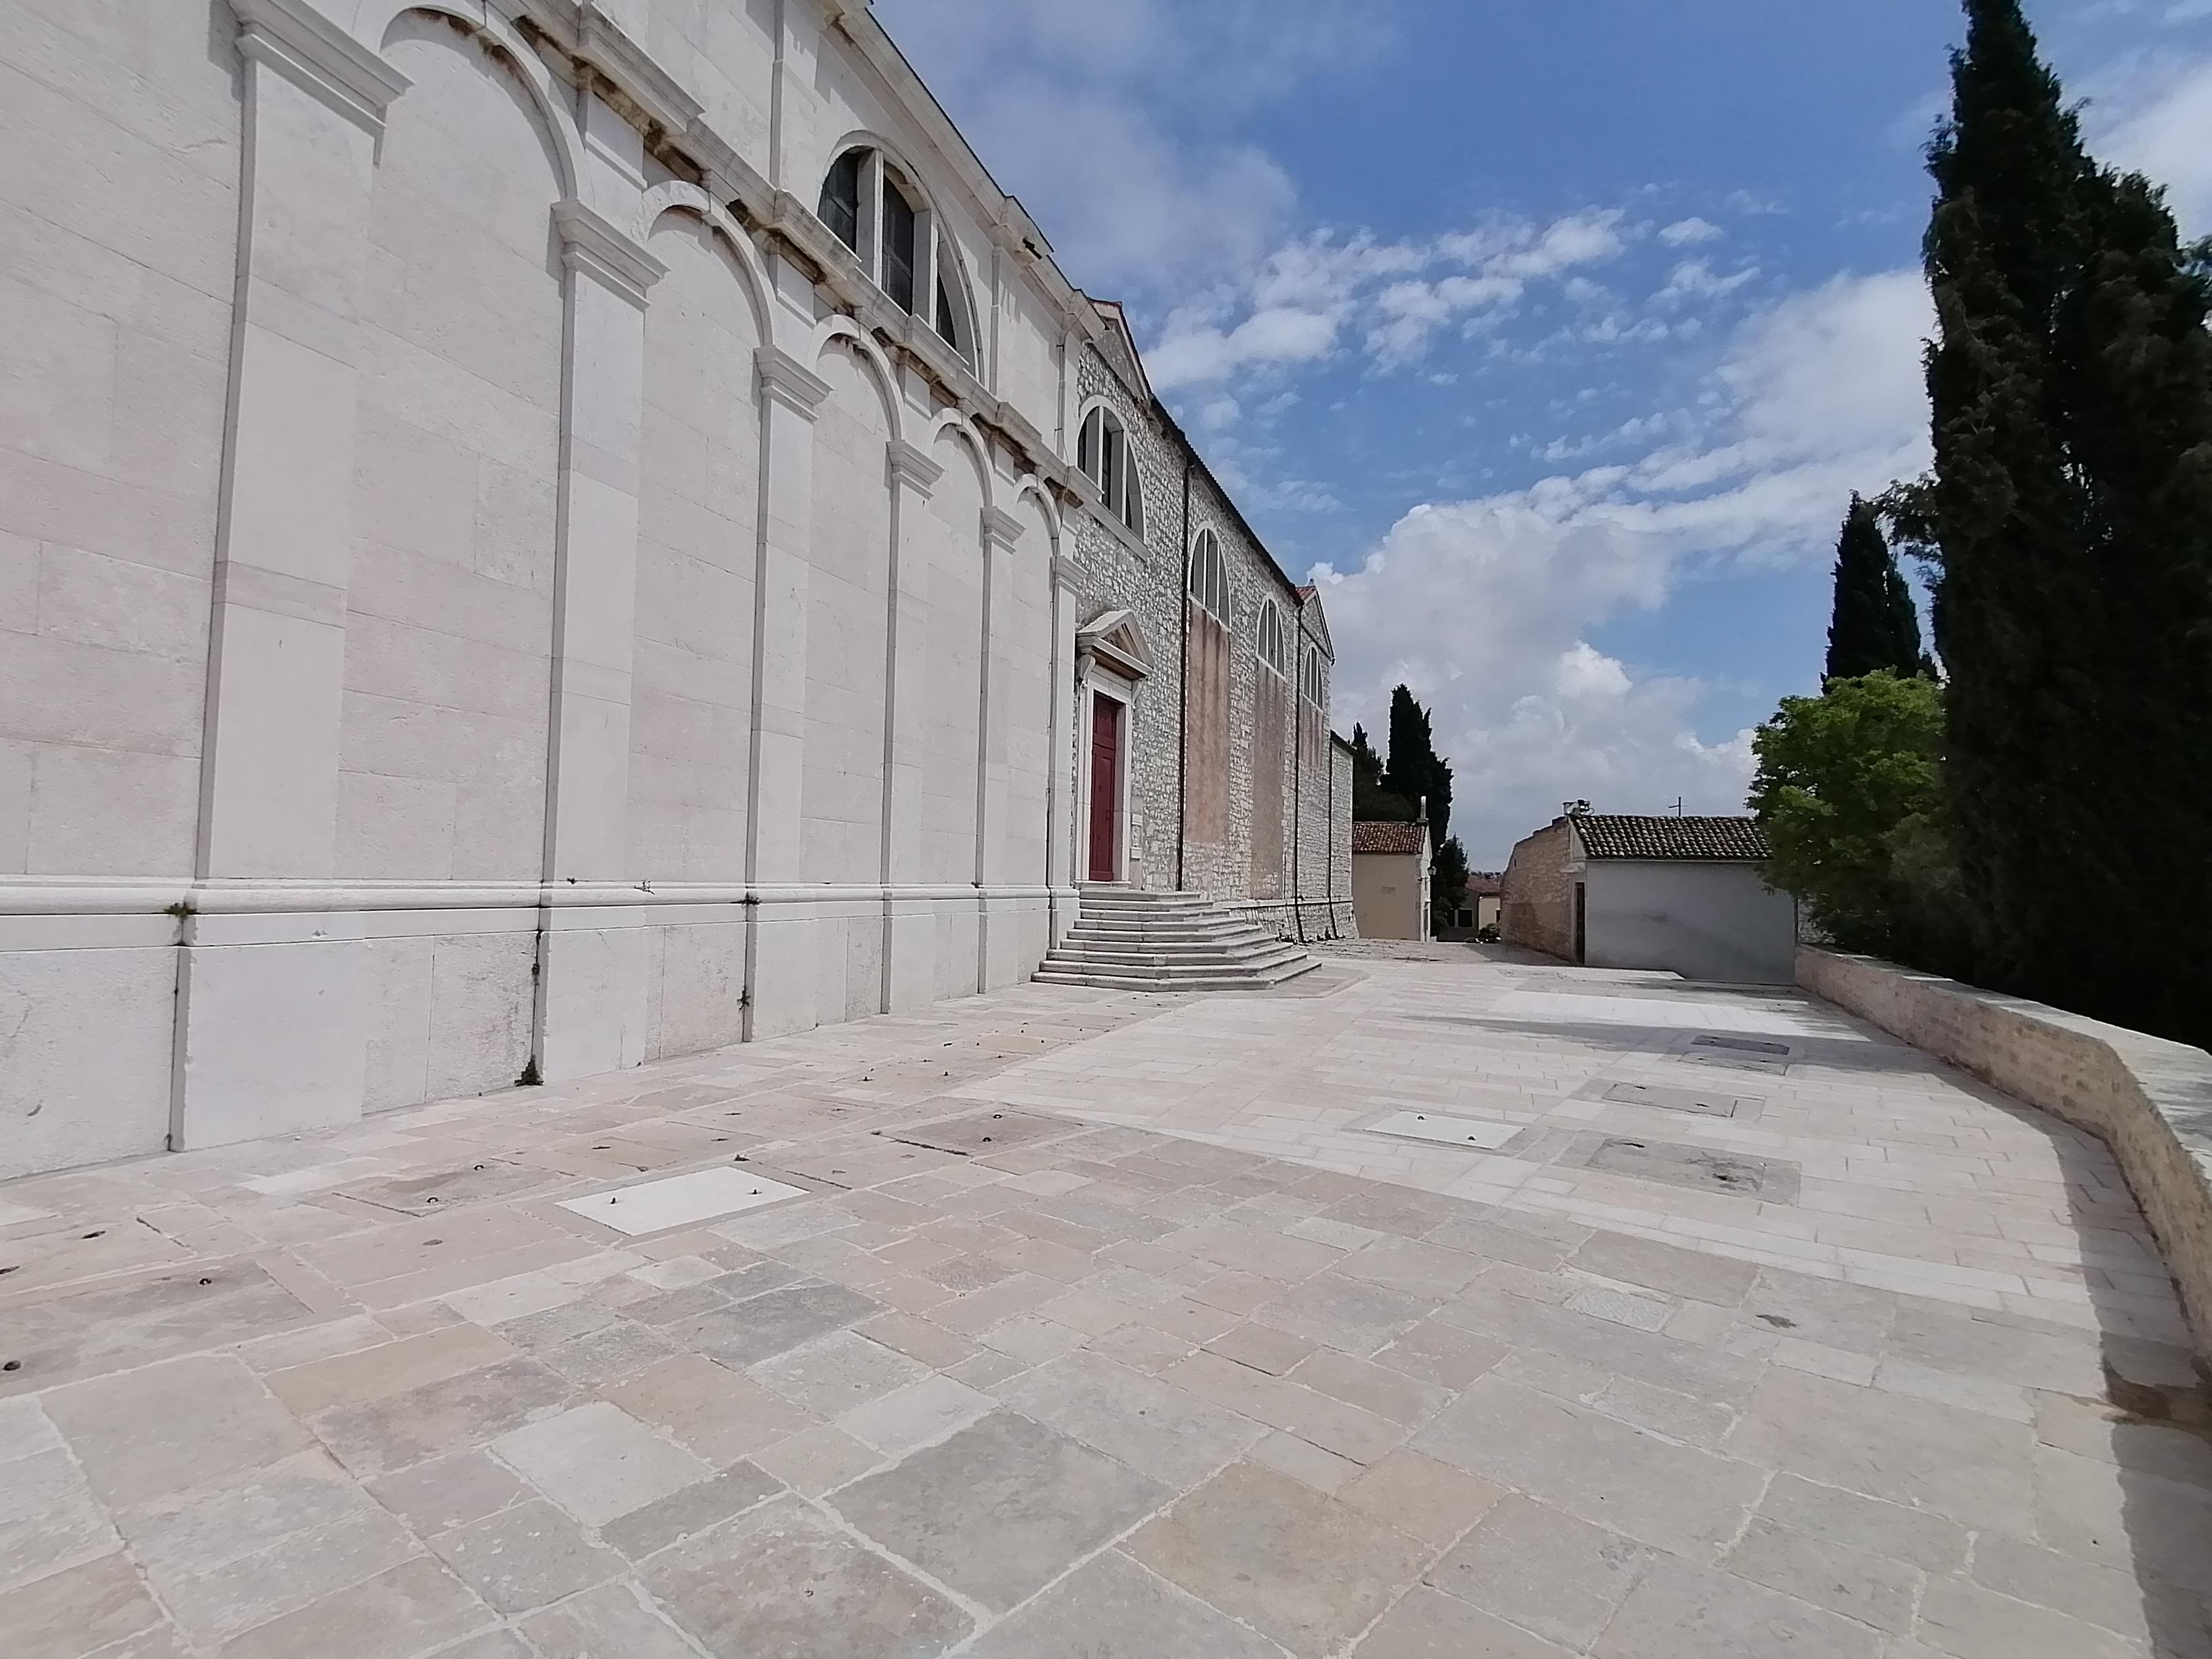 Platou župne crkve sv. Jurja i Eufemije vraćeni su izvorni elementi i stari sjaj